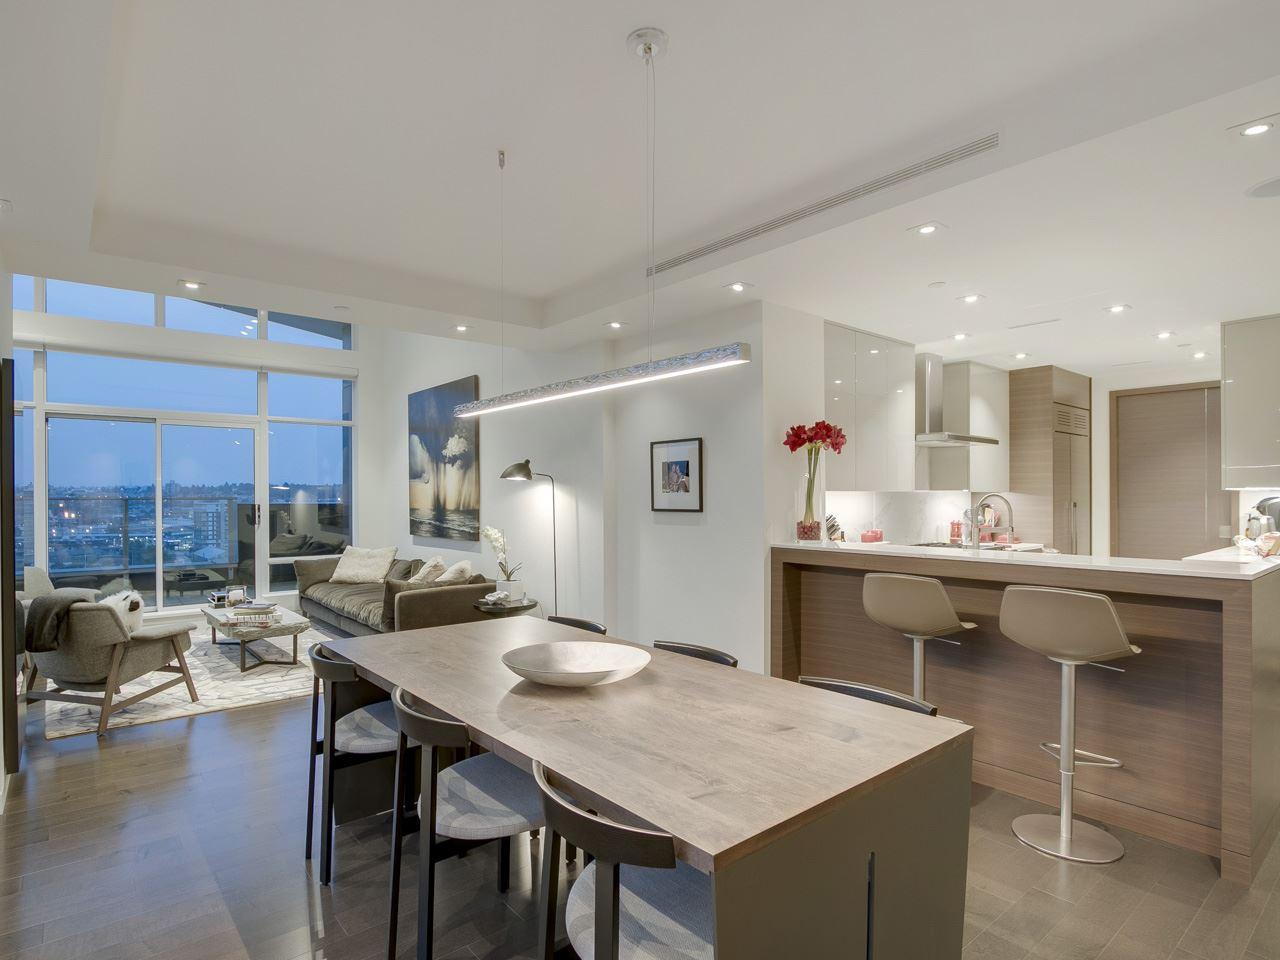 Condo Apartment at PH3 980 COOPERAGE WAY, Unit PH3, Vancouver West, British Columbia. Image 7